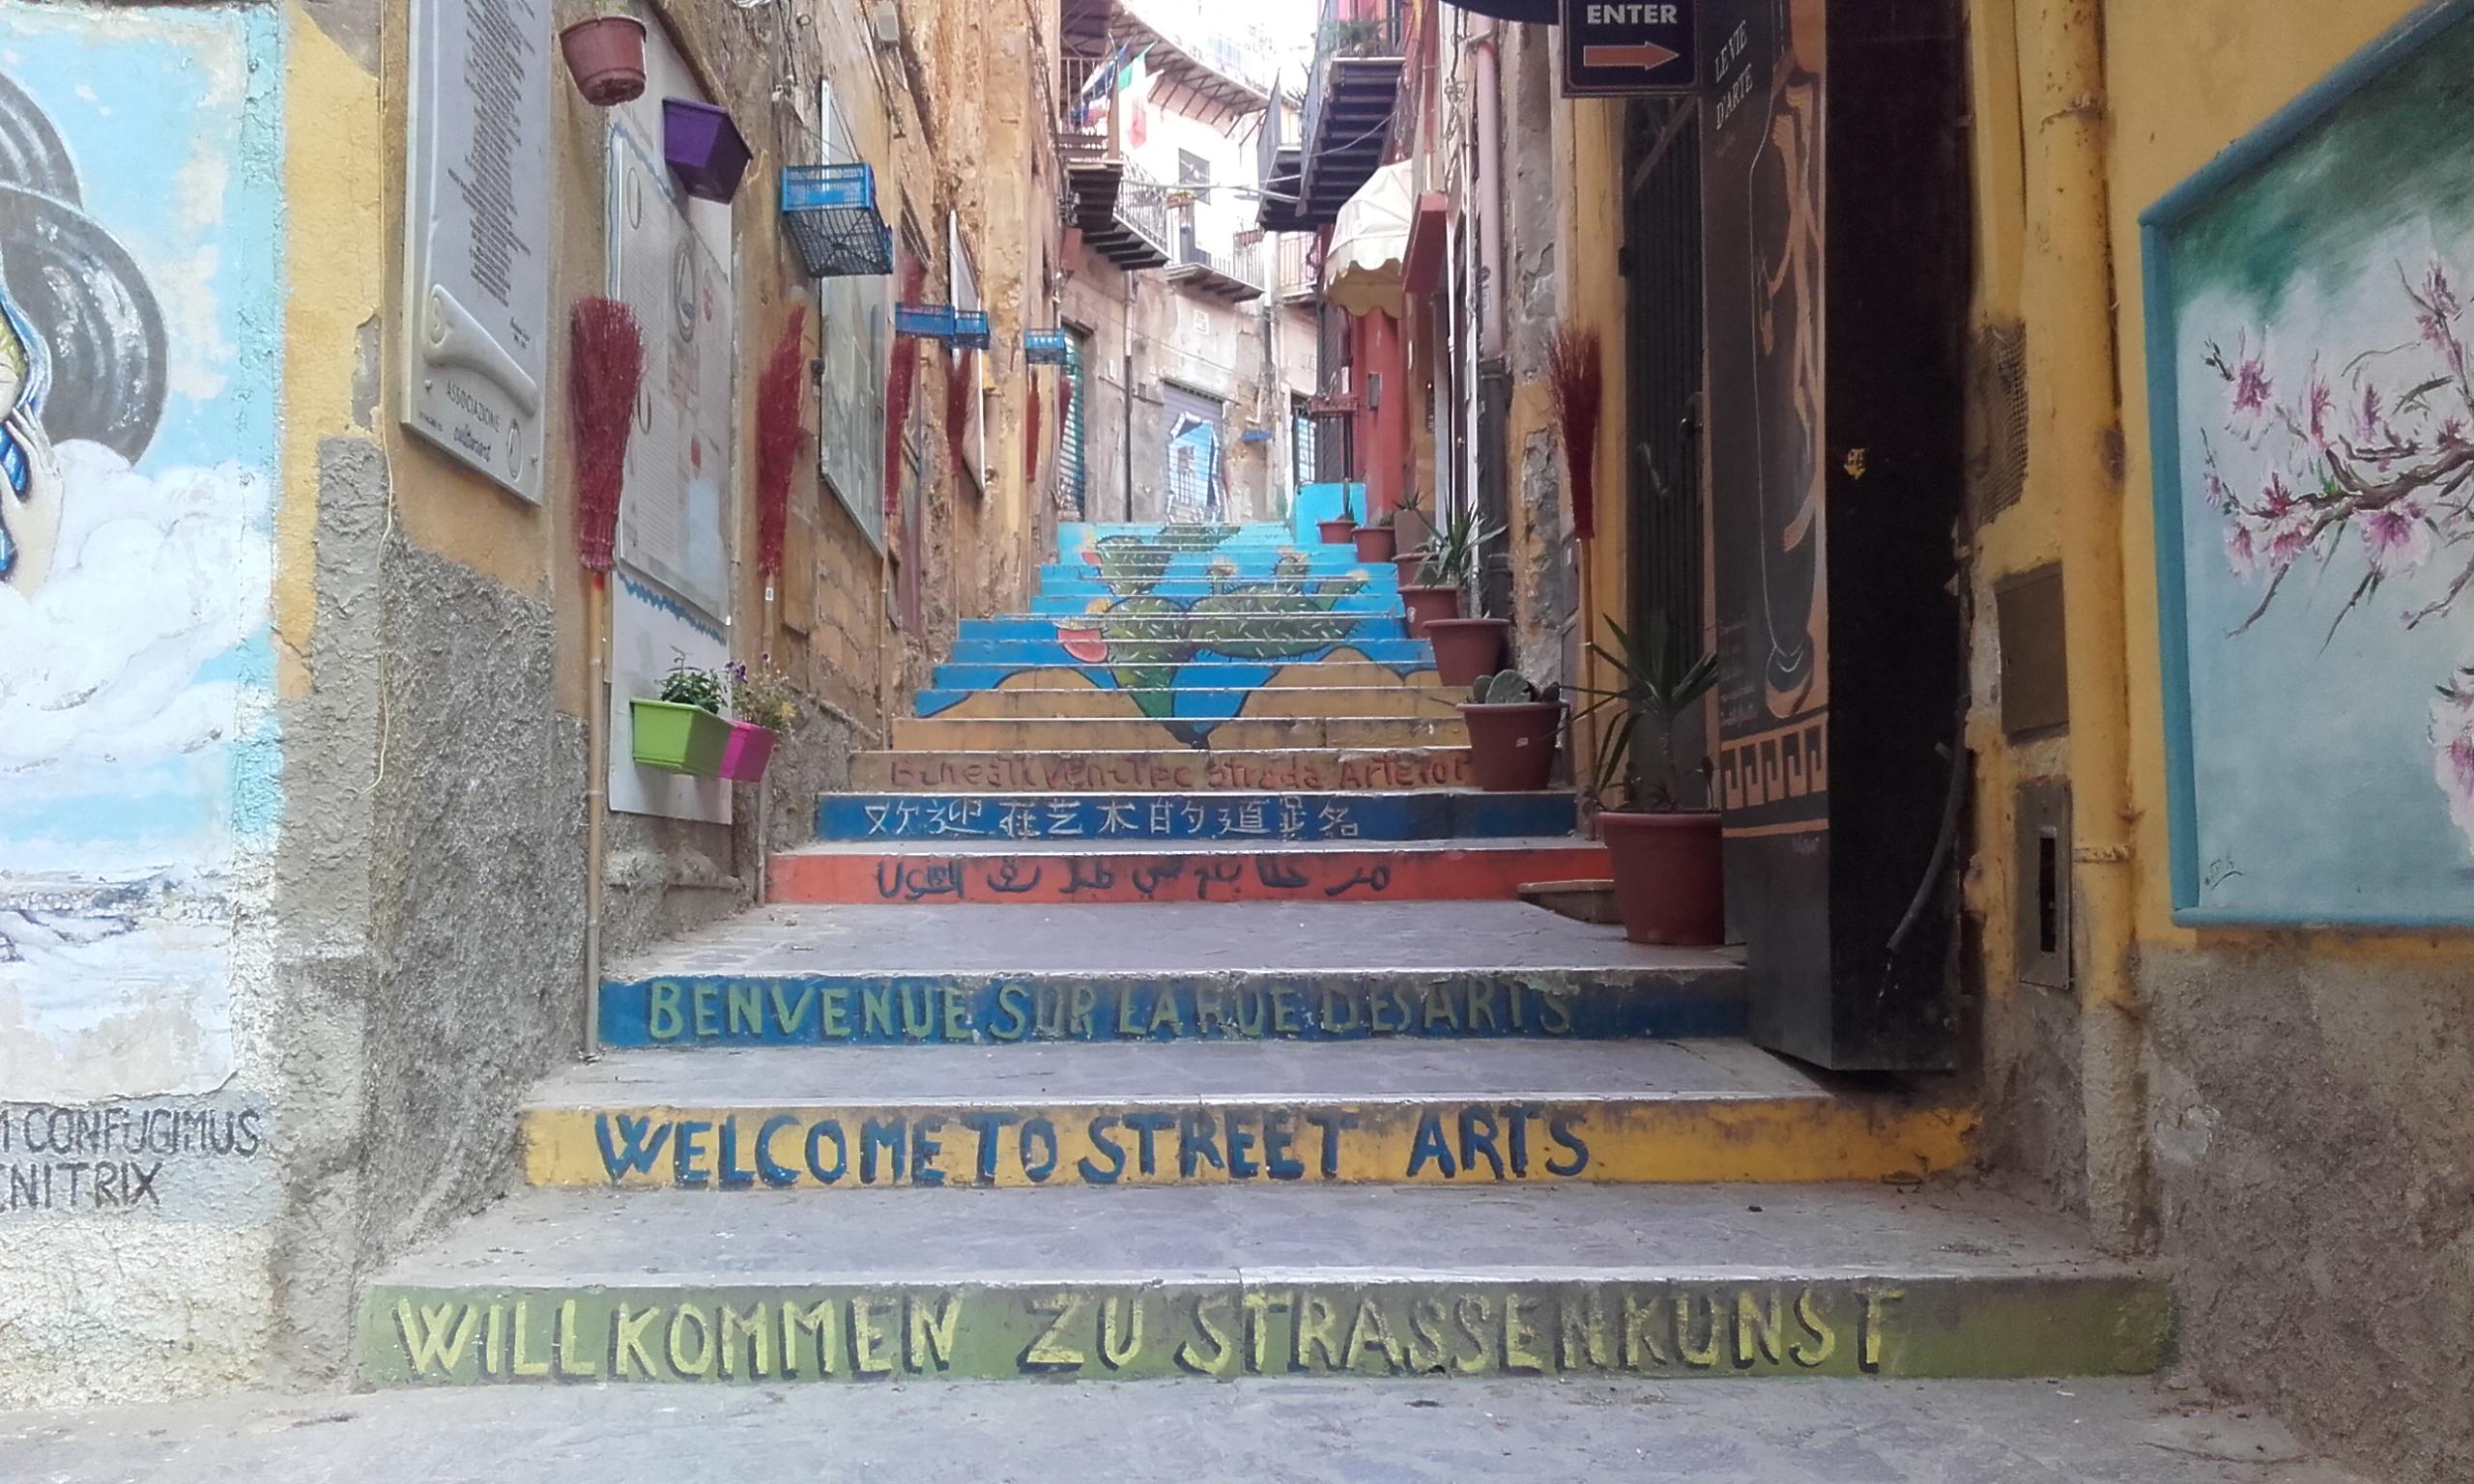 ¡Bienvenido a la calle de las artes!